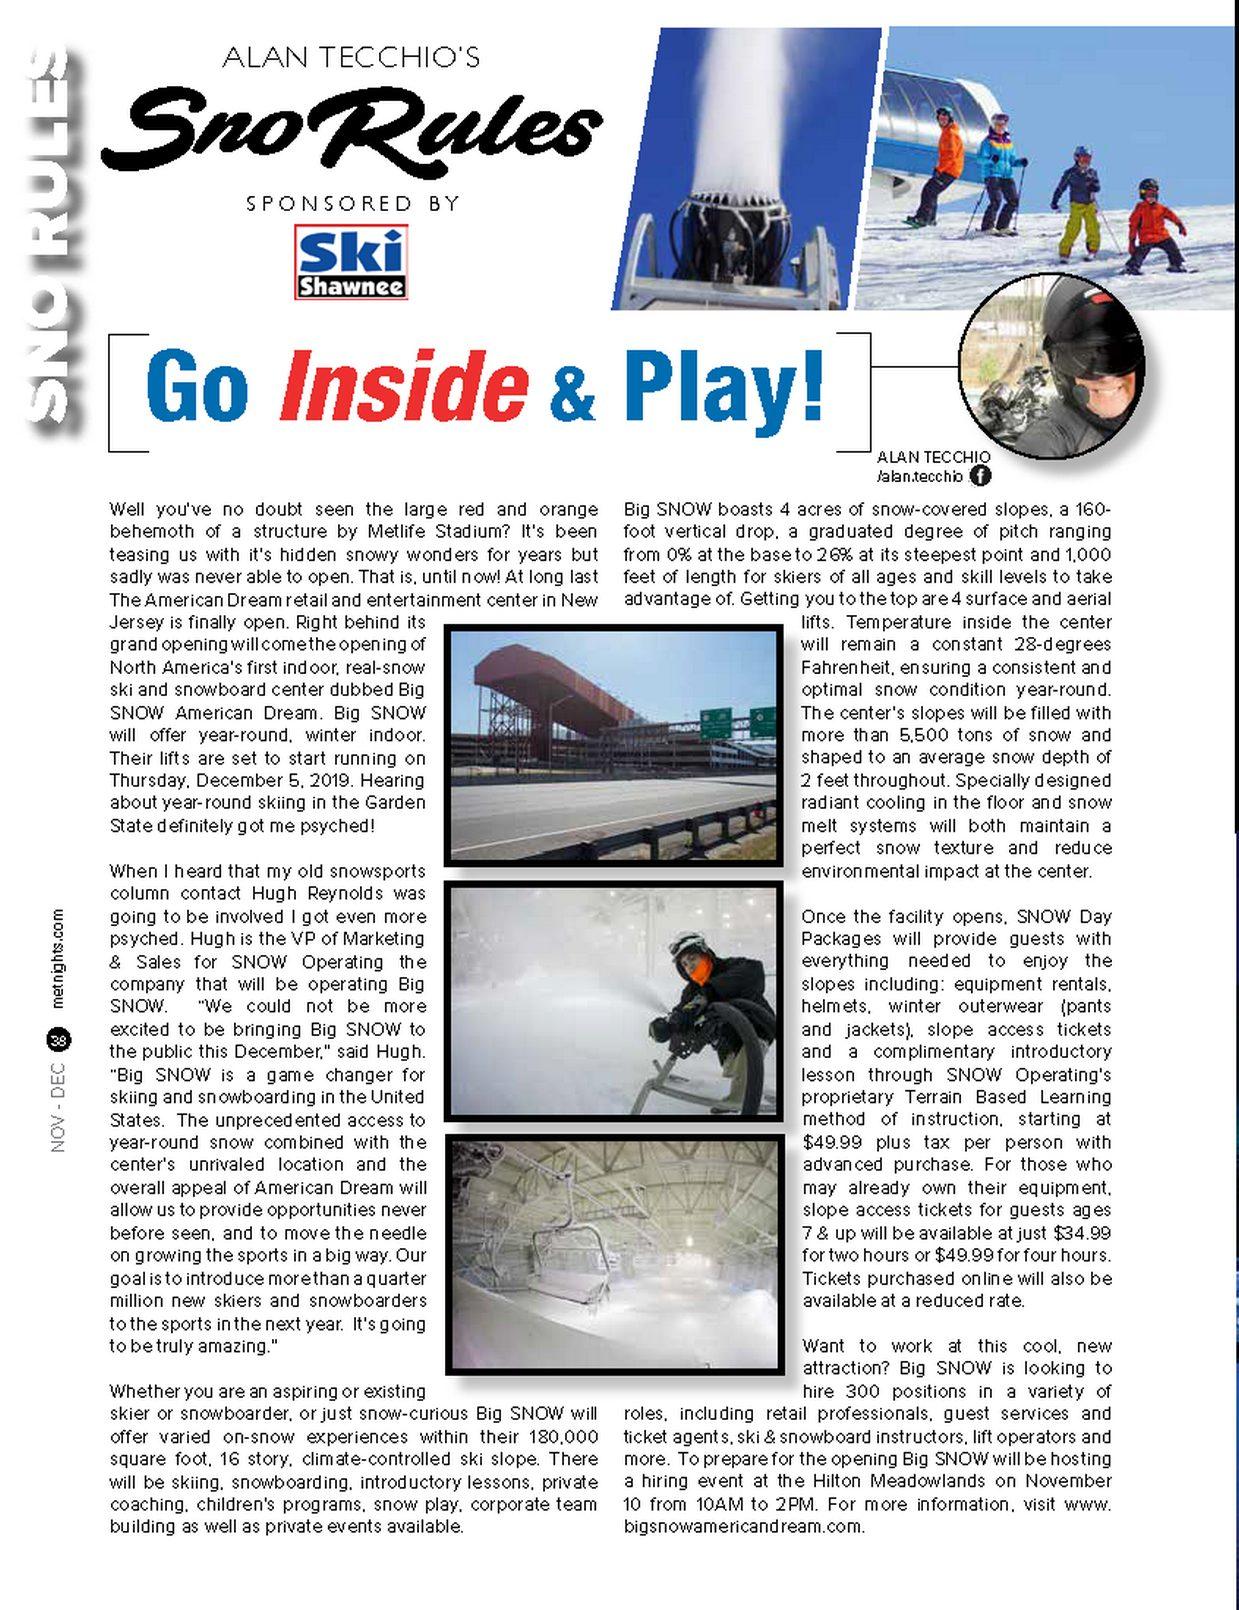 Go Inside & Play!